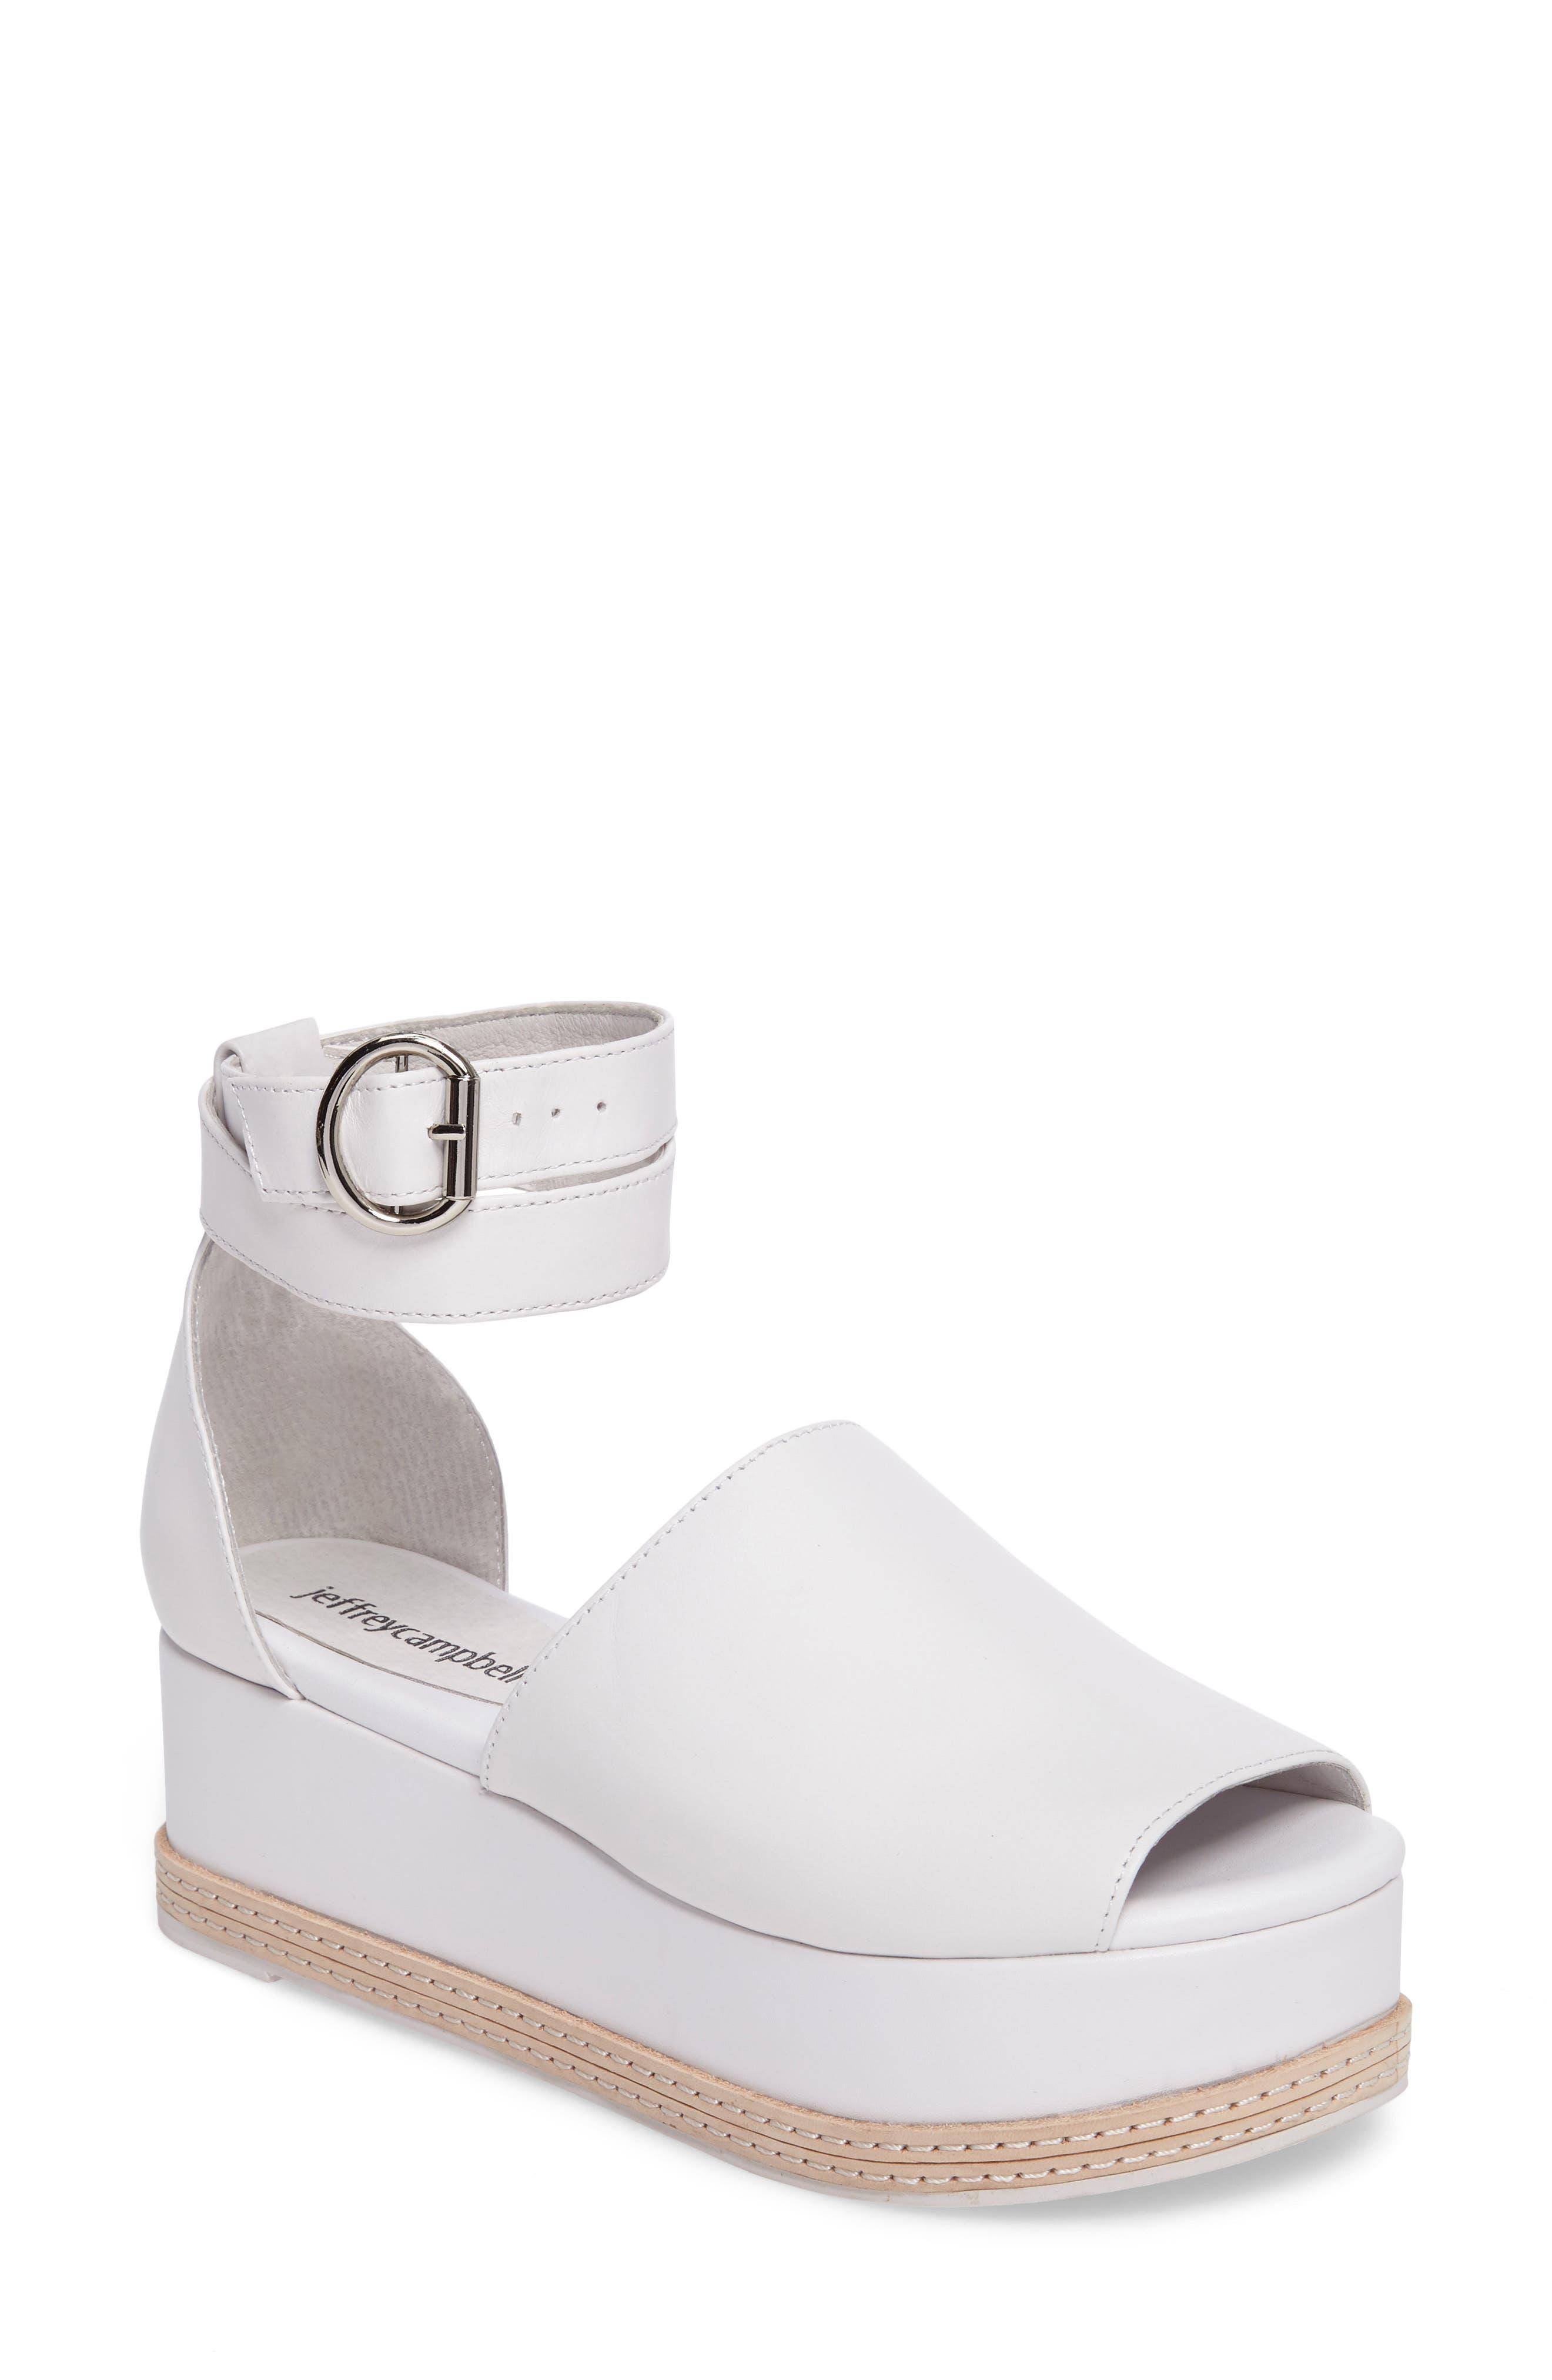 JEFFREY CAMPBELL Baywood Ankle Strap Platform Sandal